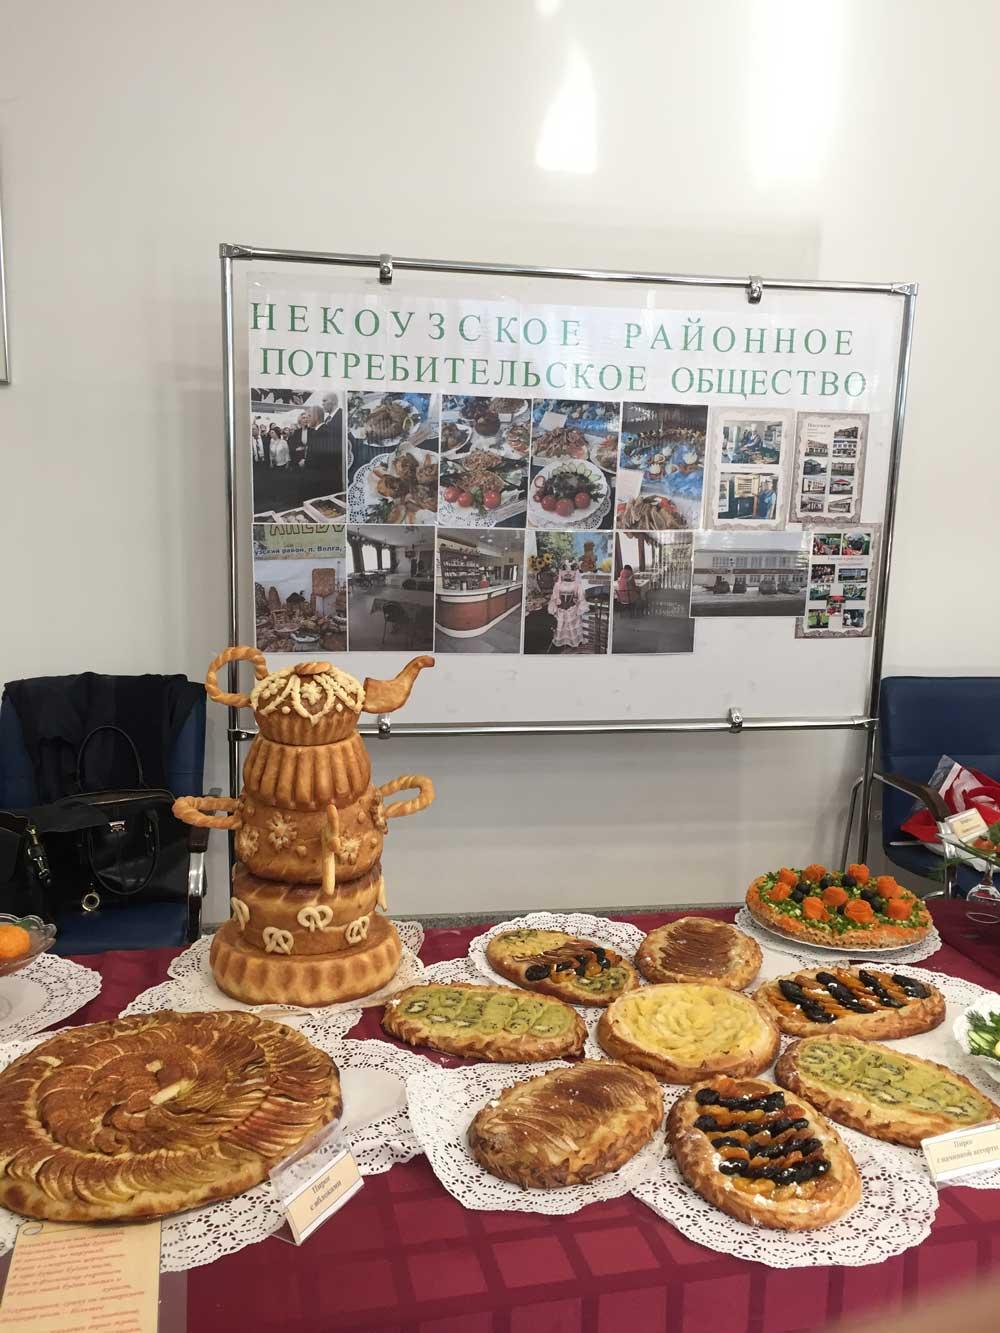 Фестиваль постной кухни в городе Ярославле. Некоузское потребительское общество.